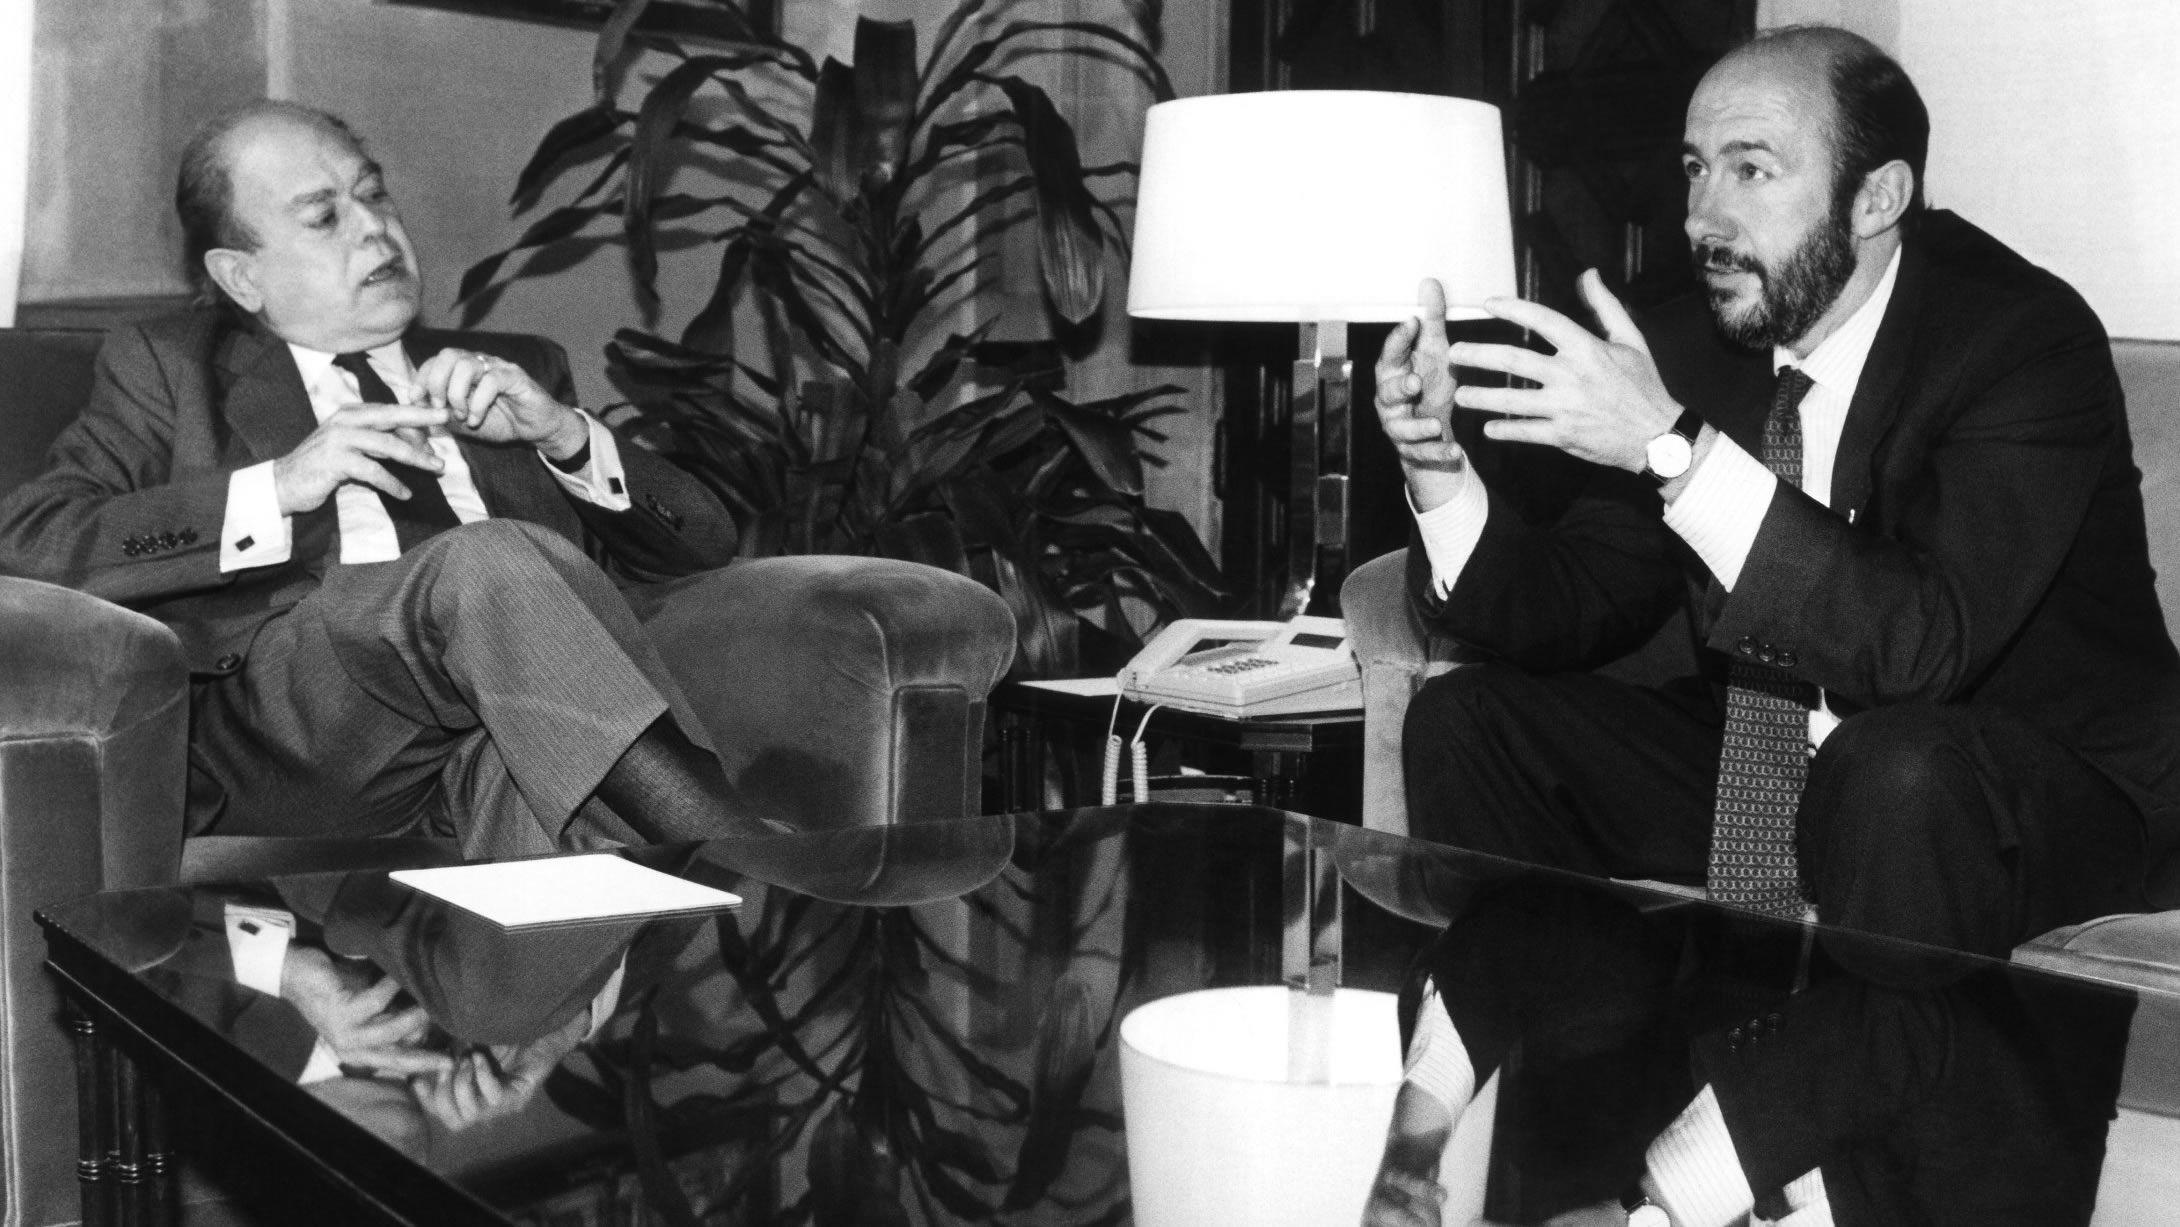 En 1992 como ministro de Educación y Deportes con Jordi Pujol en una reunión previa a la celebración de los Juegos Olímpicos de Barcelona